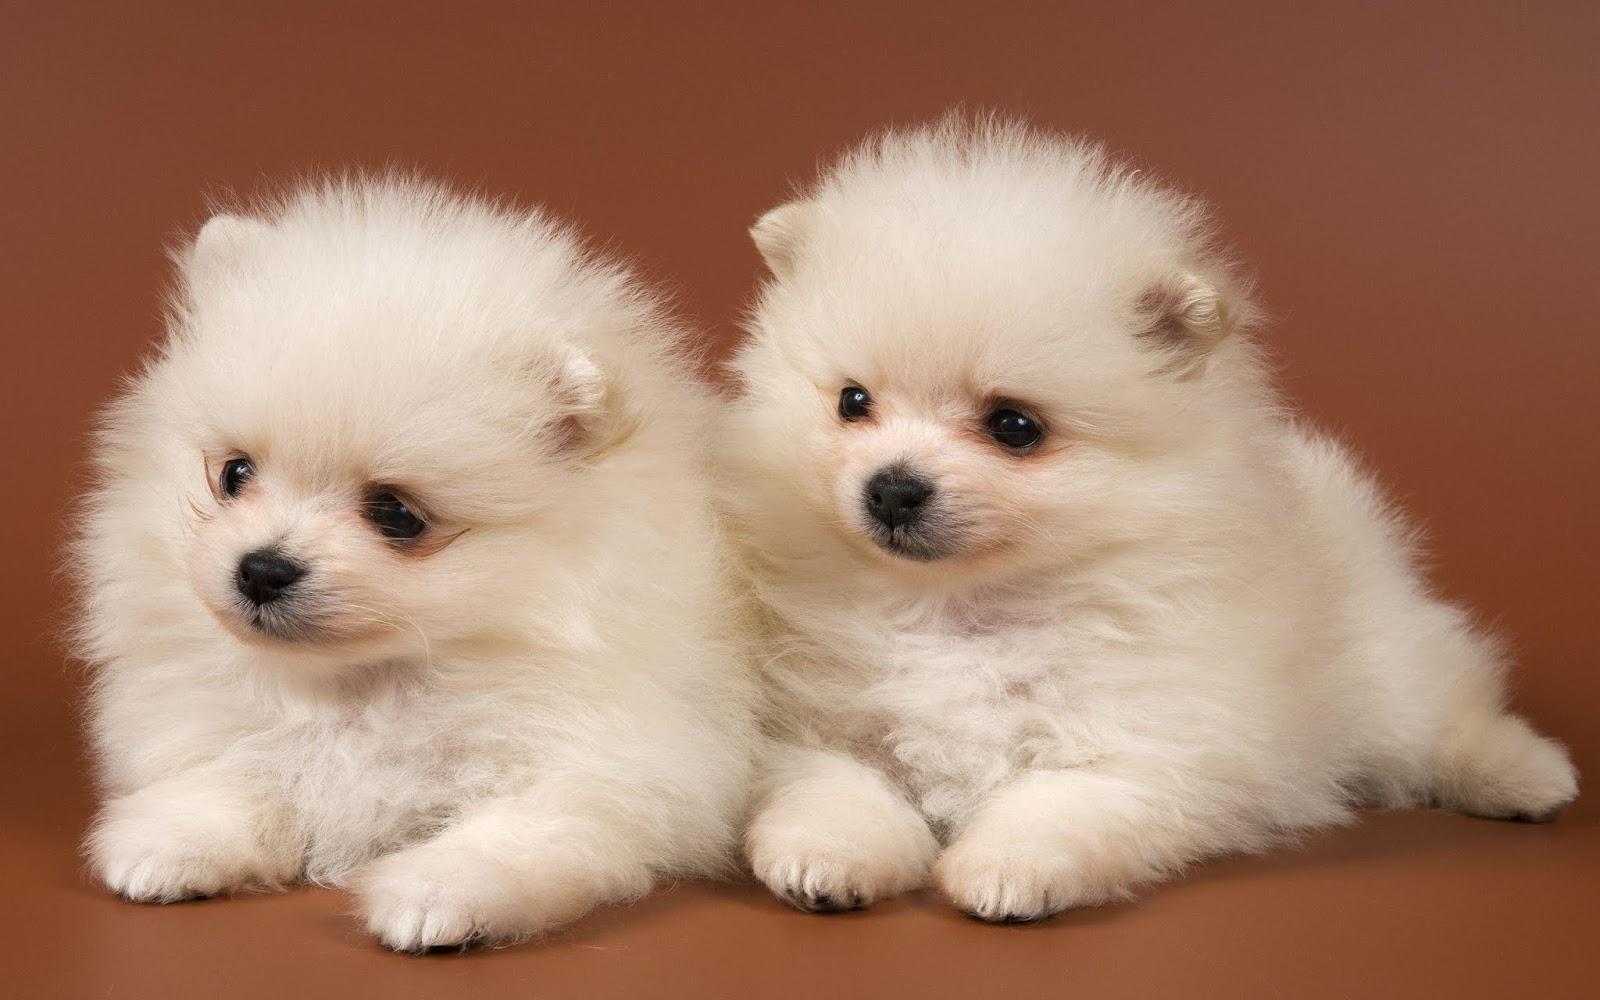 hình nền hai chú cún con dễ thương